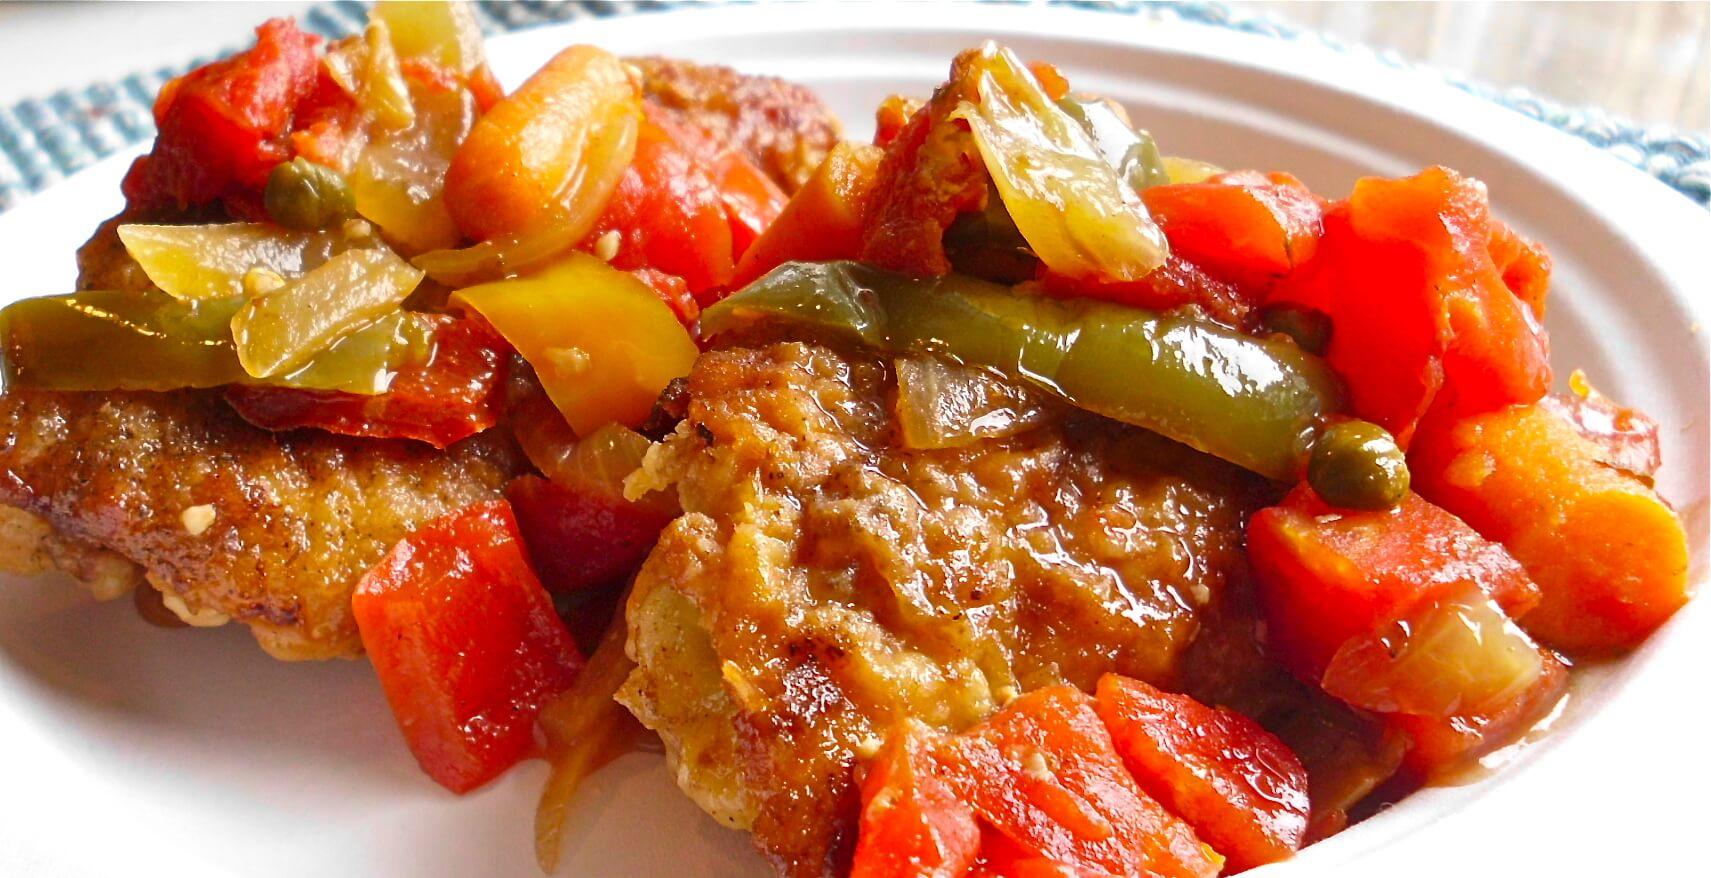 Plate of Chicken Cacciatore